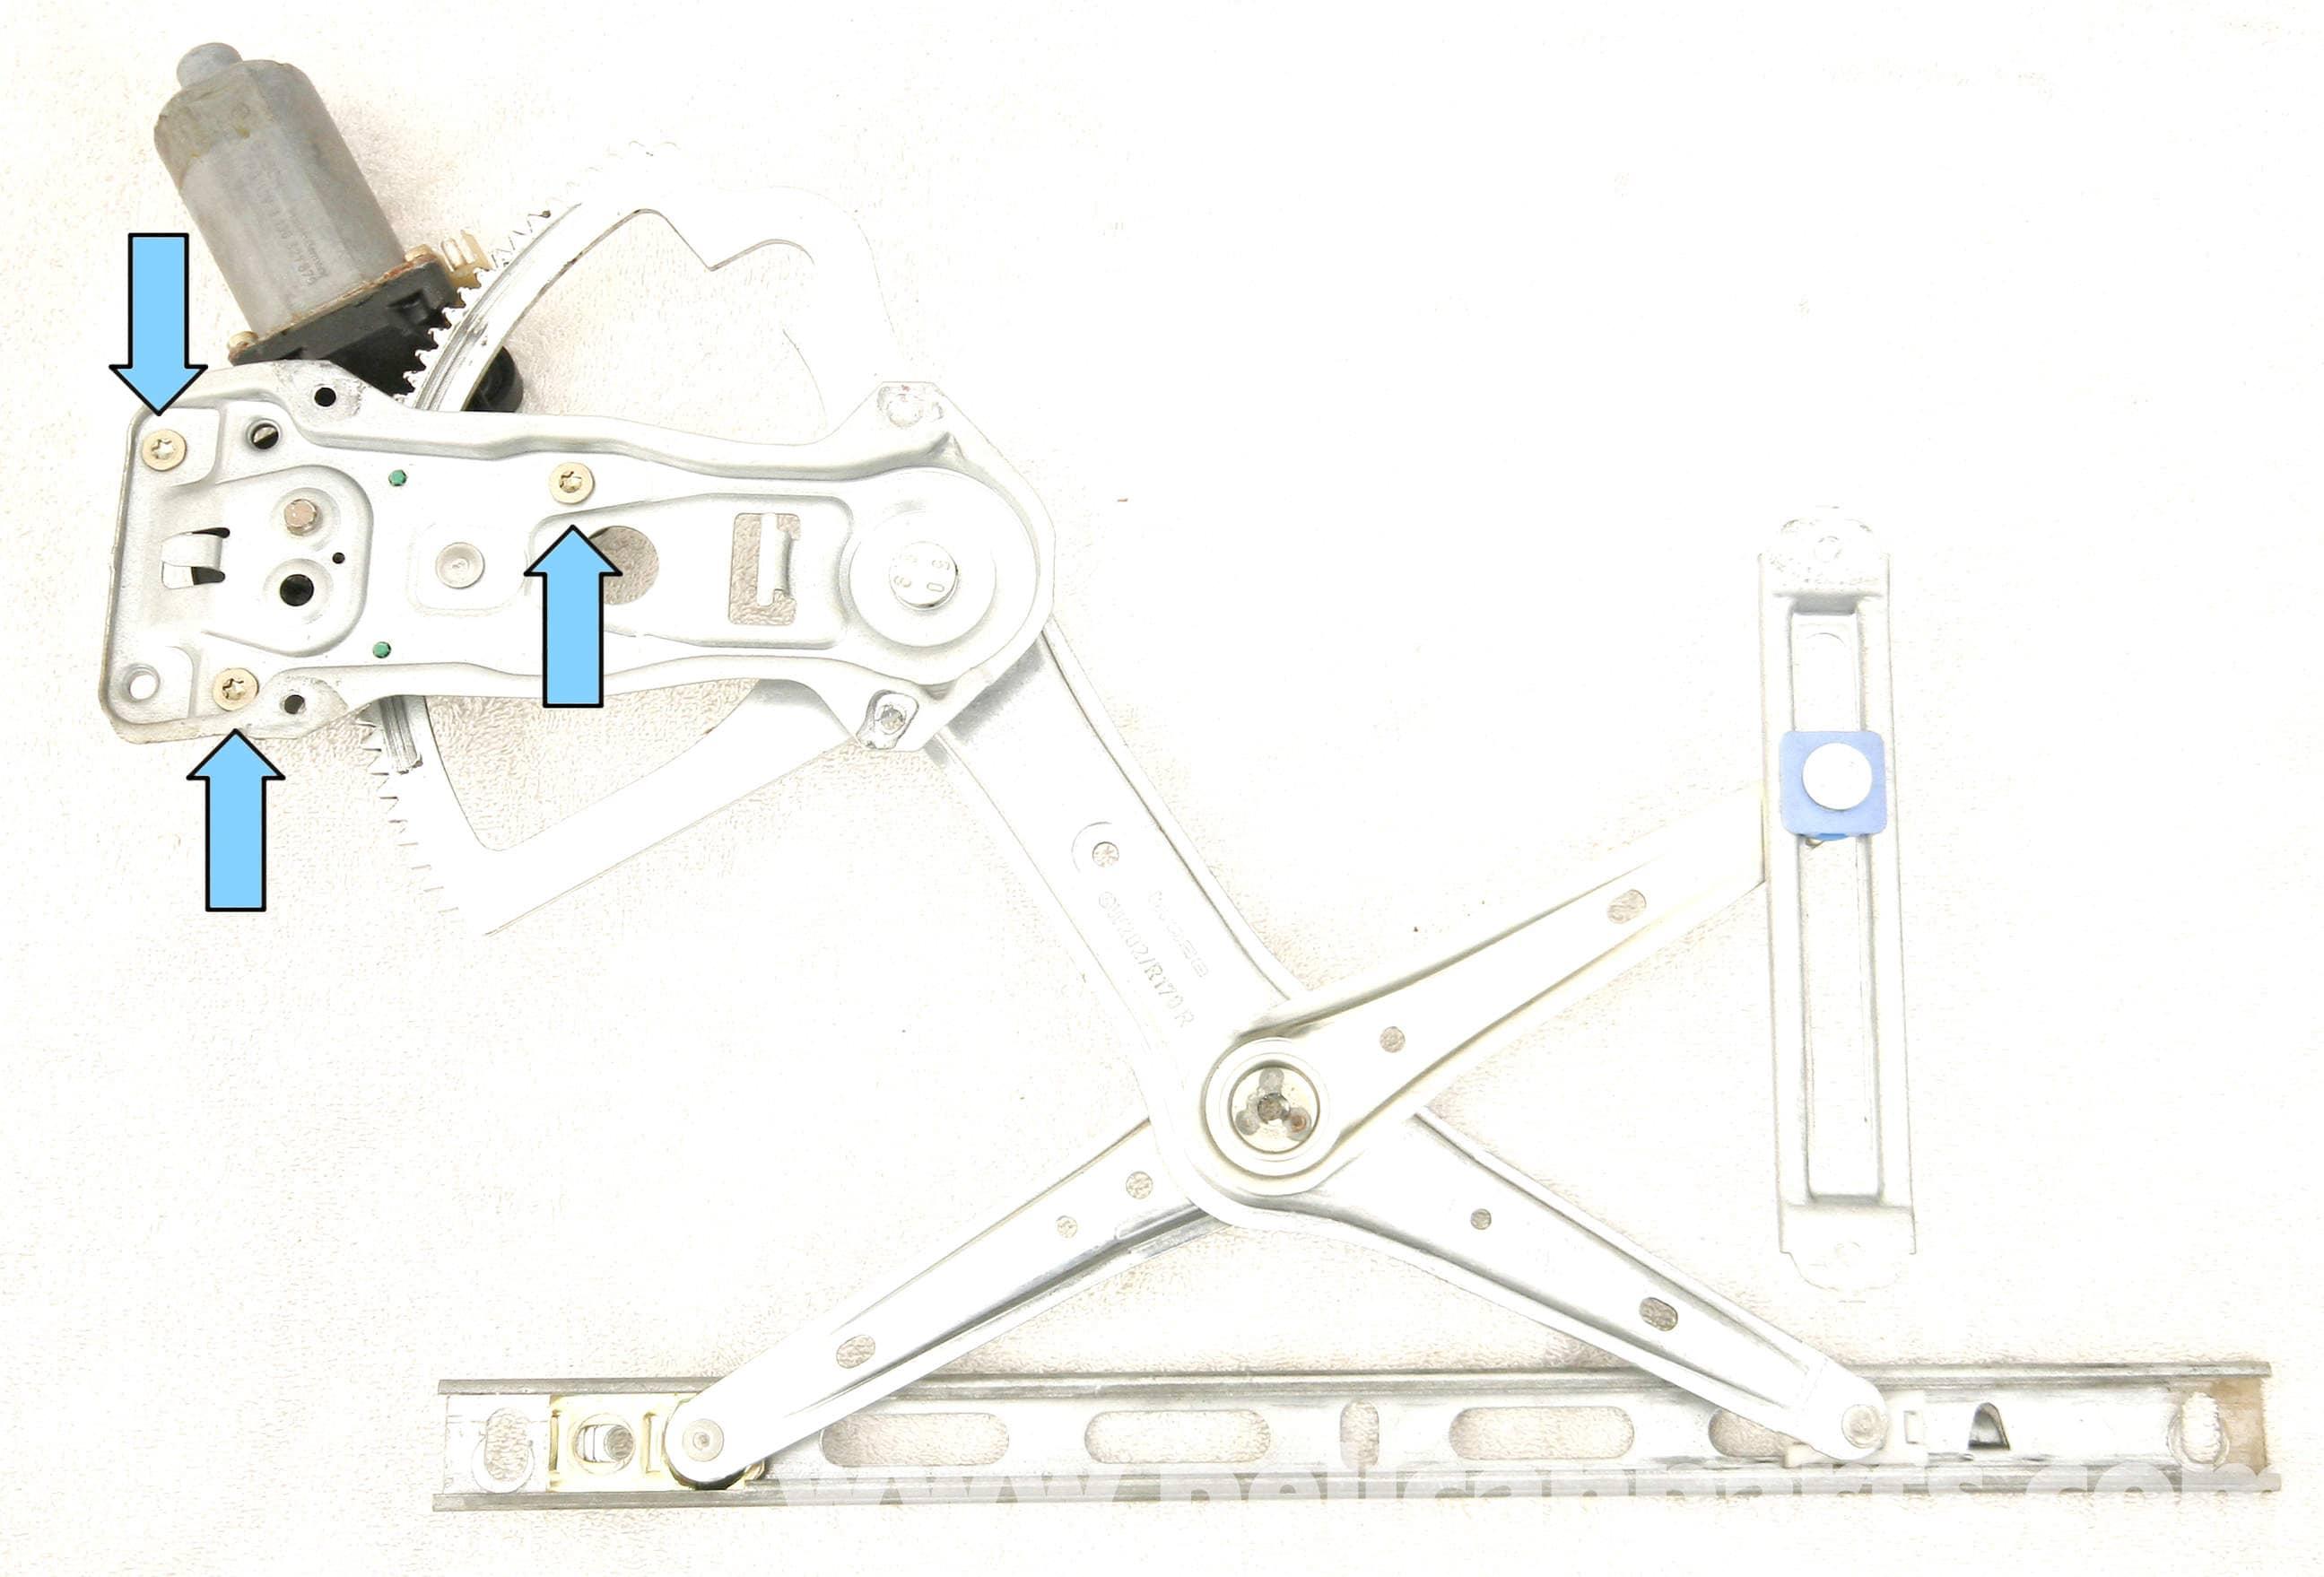 Mercedes benz slk 230 front window motor replacement for Replacement parts for mercedes benz